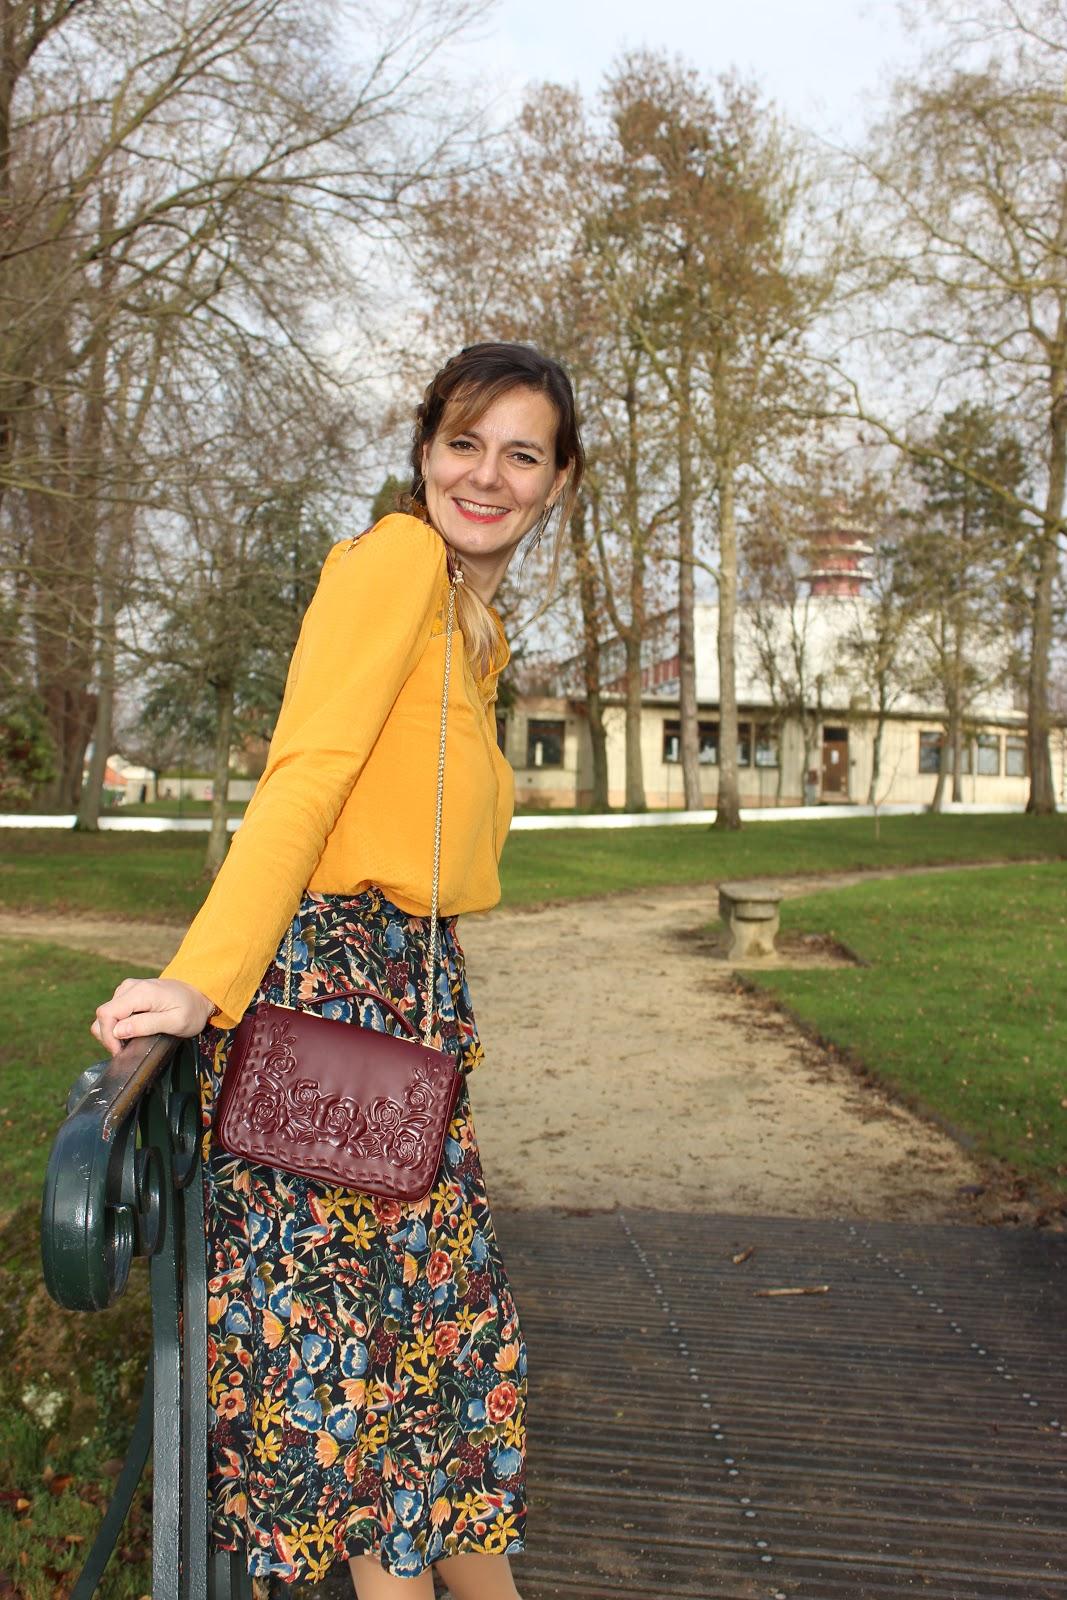 Jupe Sézane, blouse jaune, look du jour, les petites bulles de ma vie